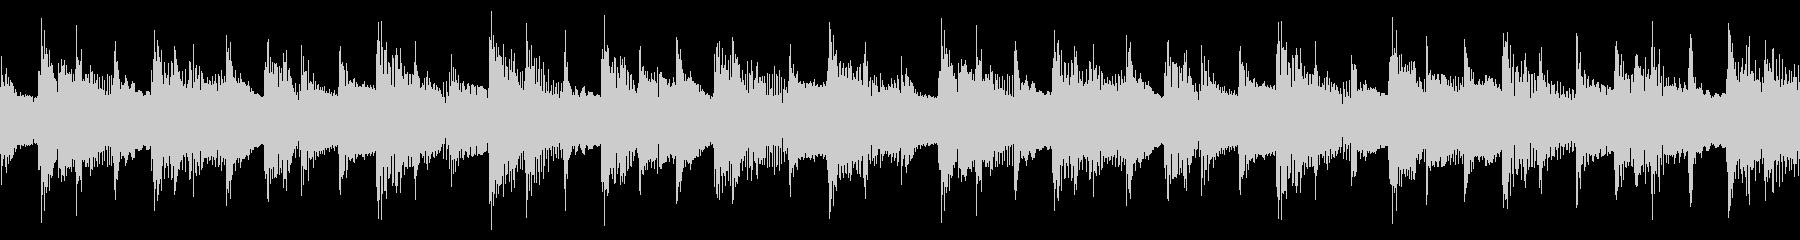 三拍子の穏やかなアコギの伴奏とオルゴールの未再生の波形